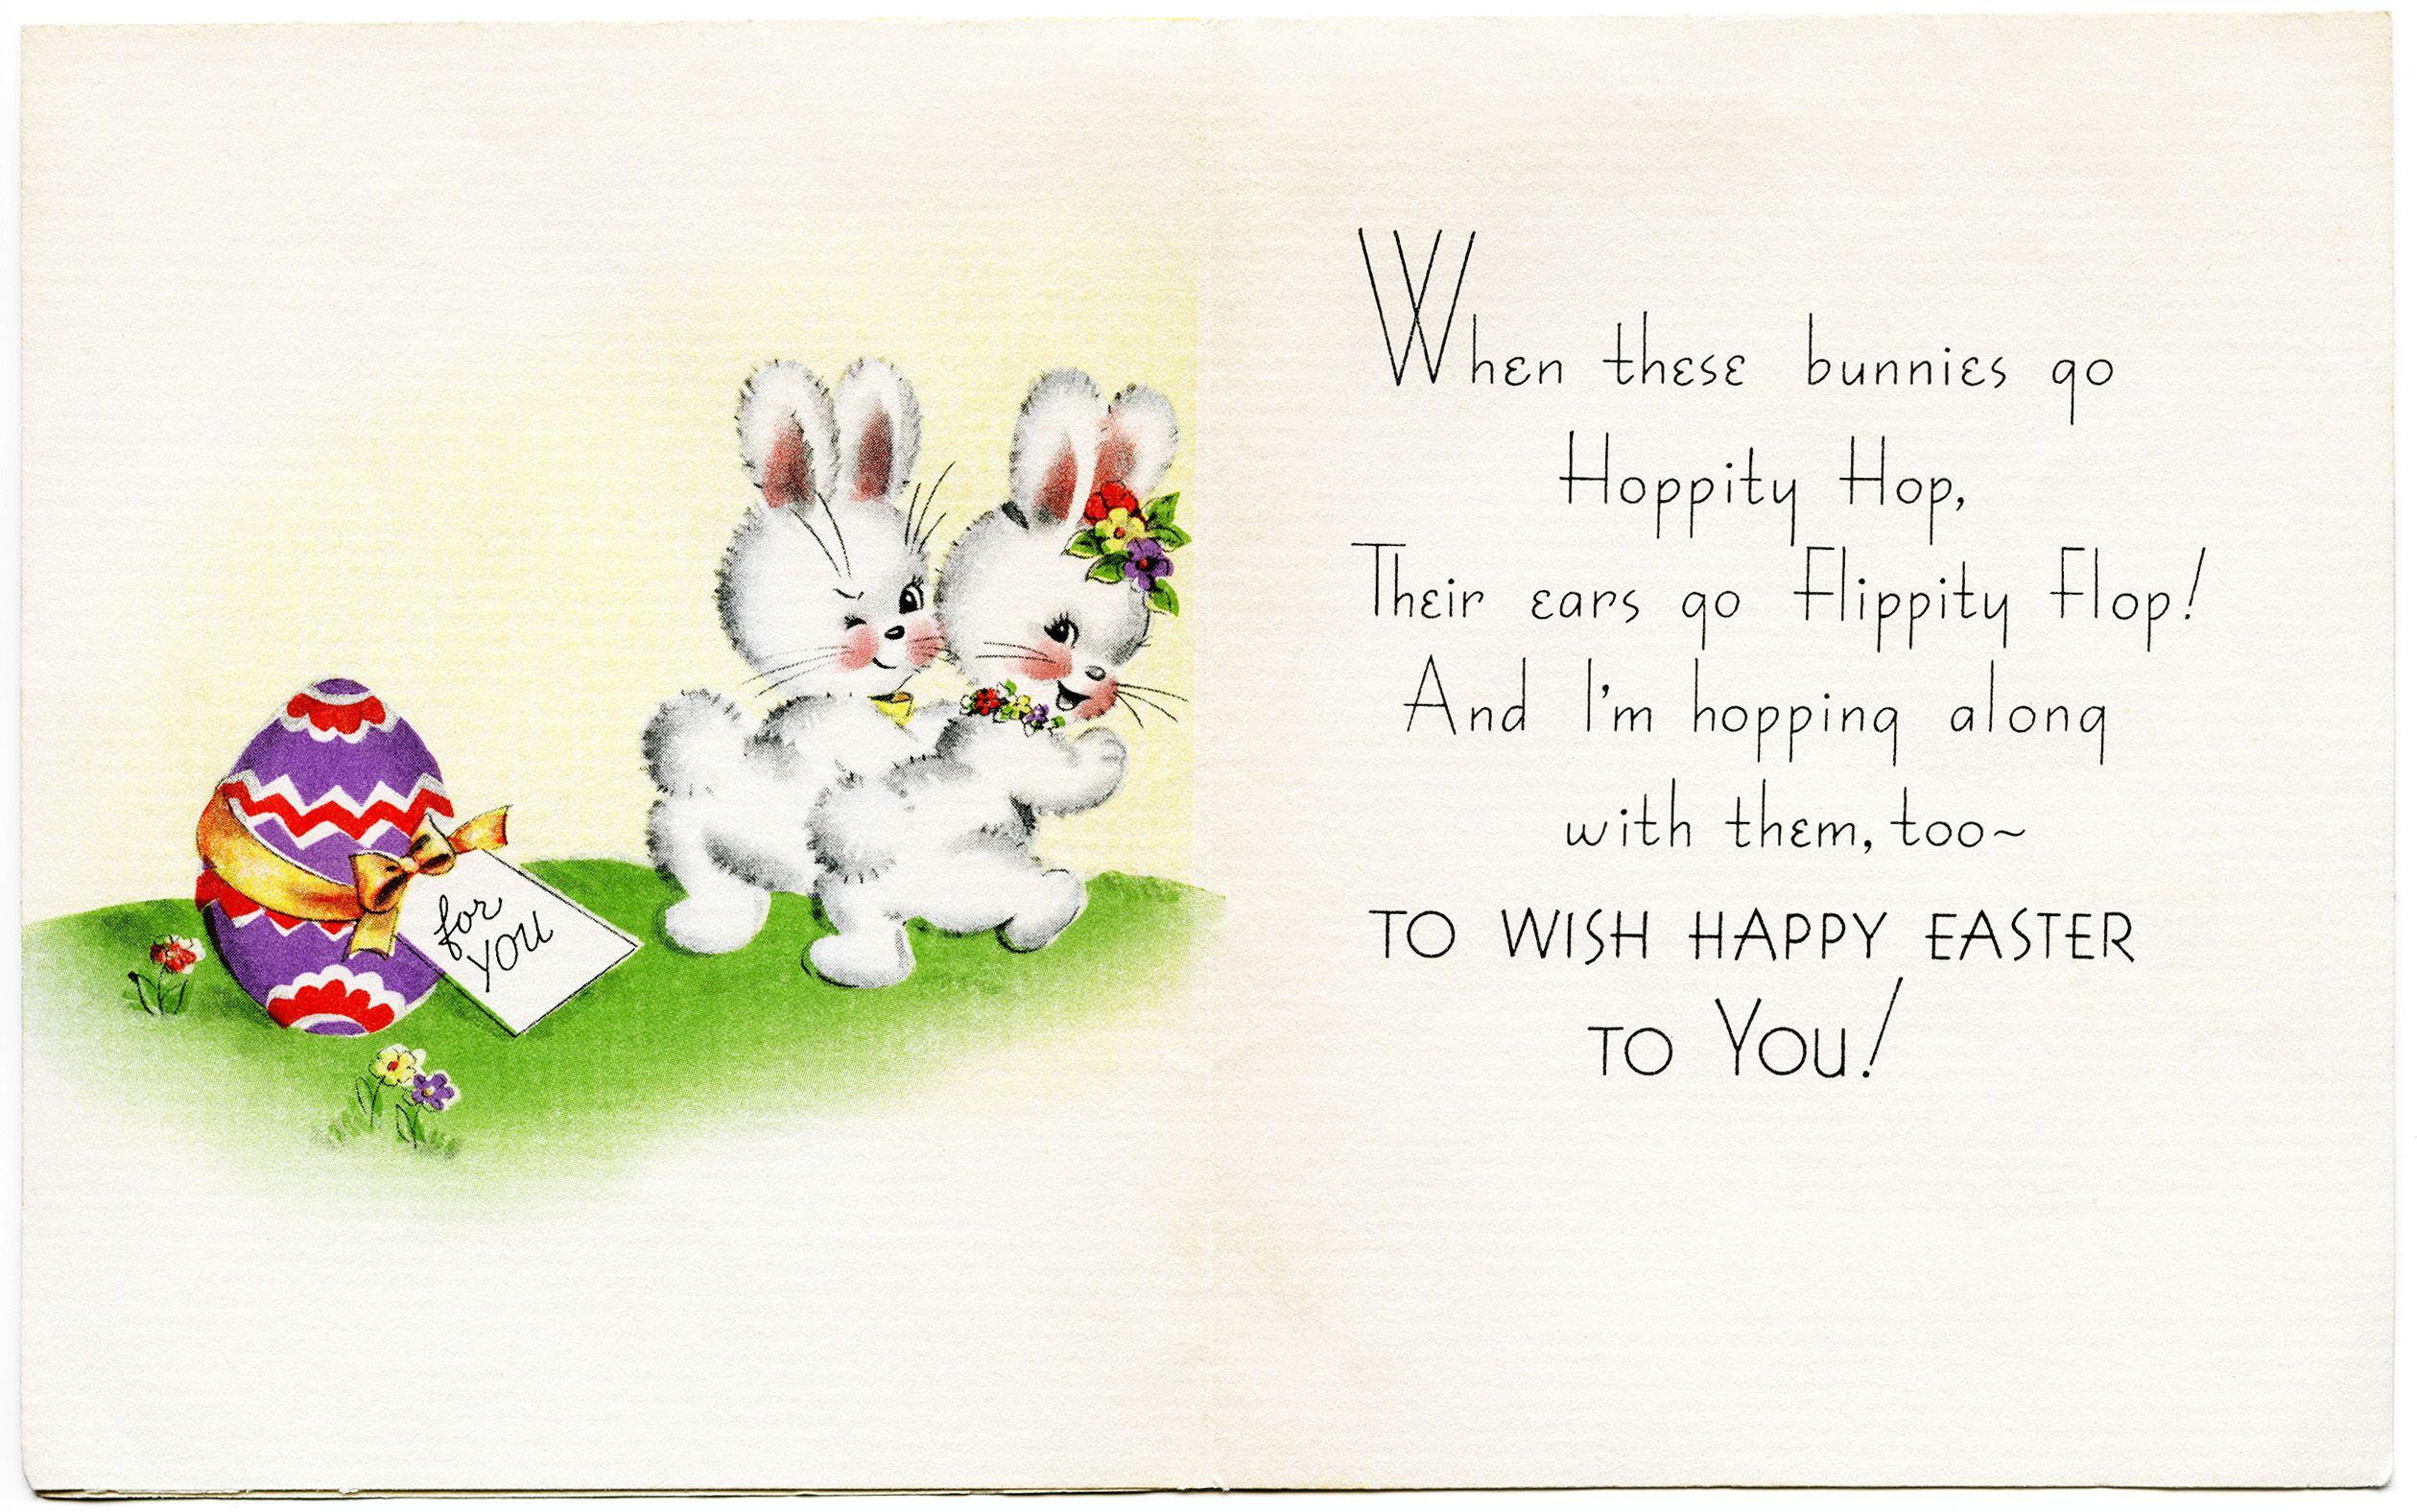 Easter card insert assorted ephemera pinterest easter easter card insert assorted ephemera pinterest easter greeting cards easter greeting and easter card m4hsunfo